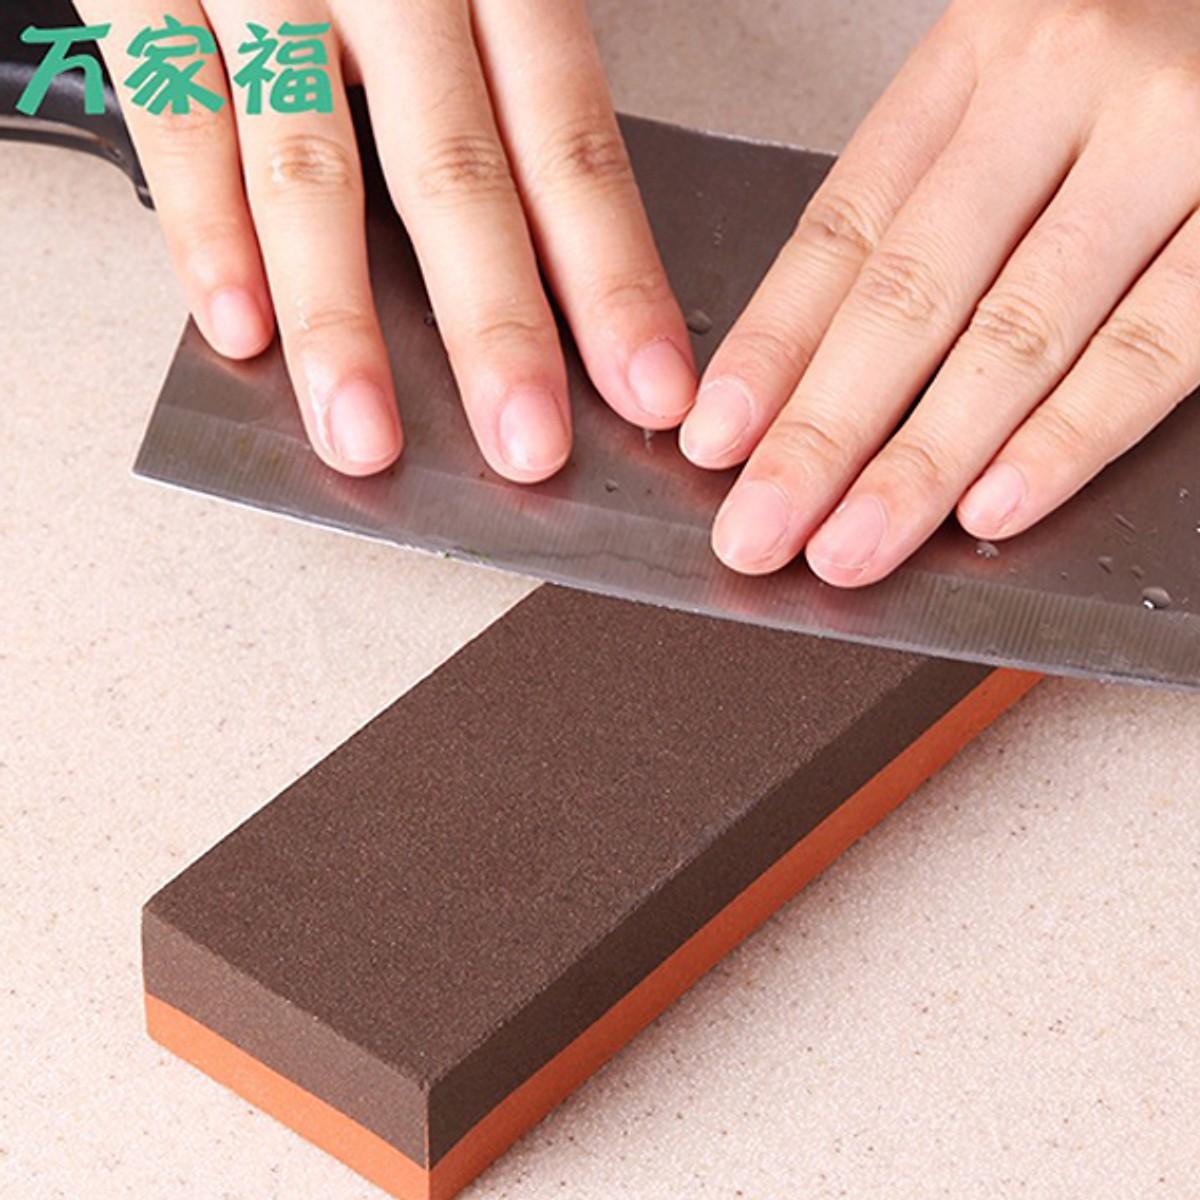 Đá mài dao kéo mài thô mài tinh NĐNB13058 + Tặng gói hồng trà sữa (Cafe) Maccaca siêu ngon